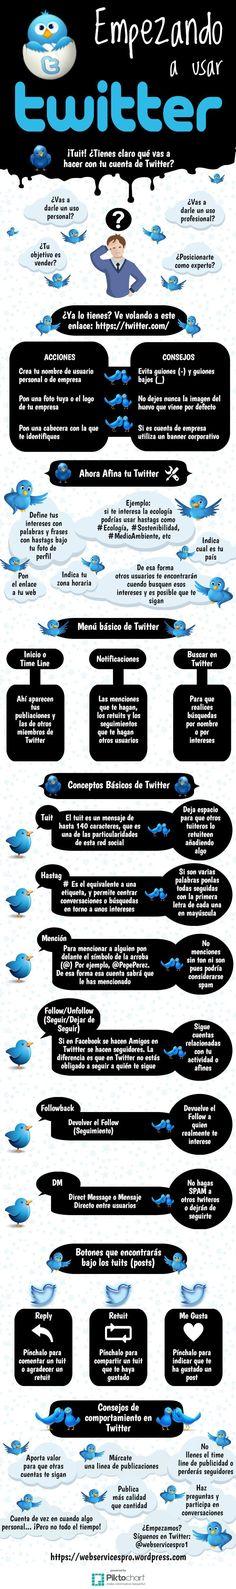 Hola: Una infografía sobre Cómo comenzar a usar Twitter. Vía Un saludo